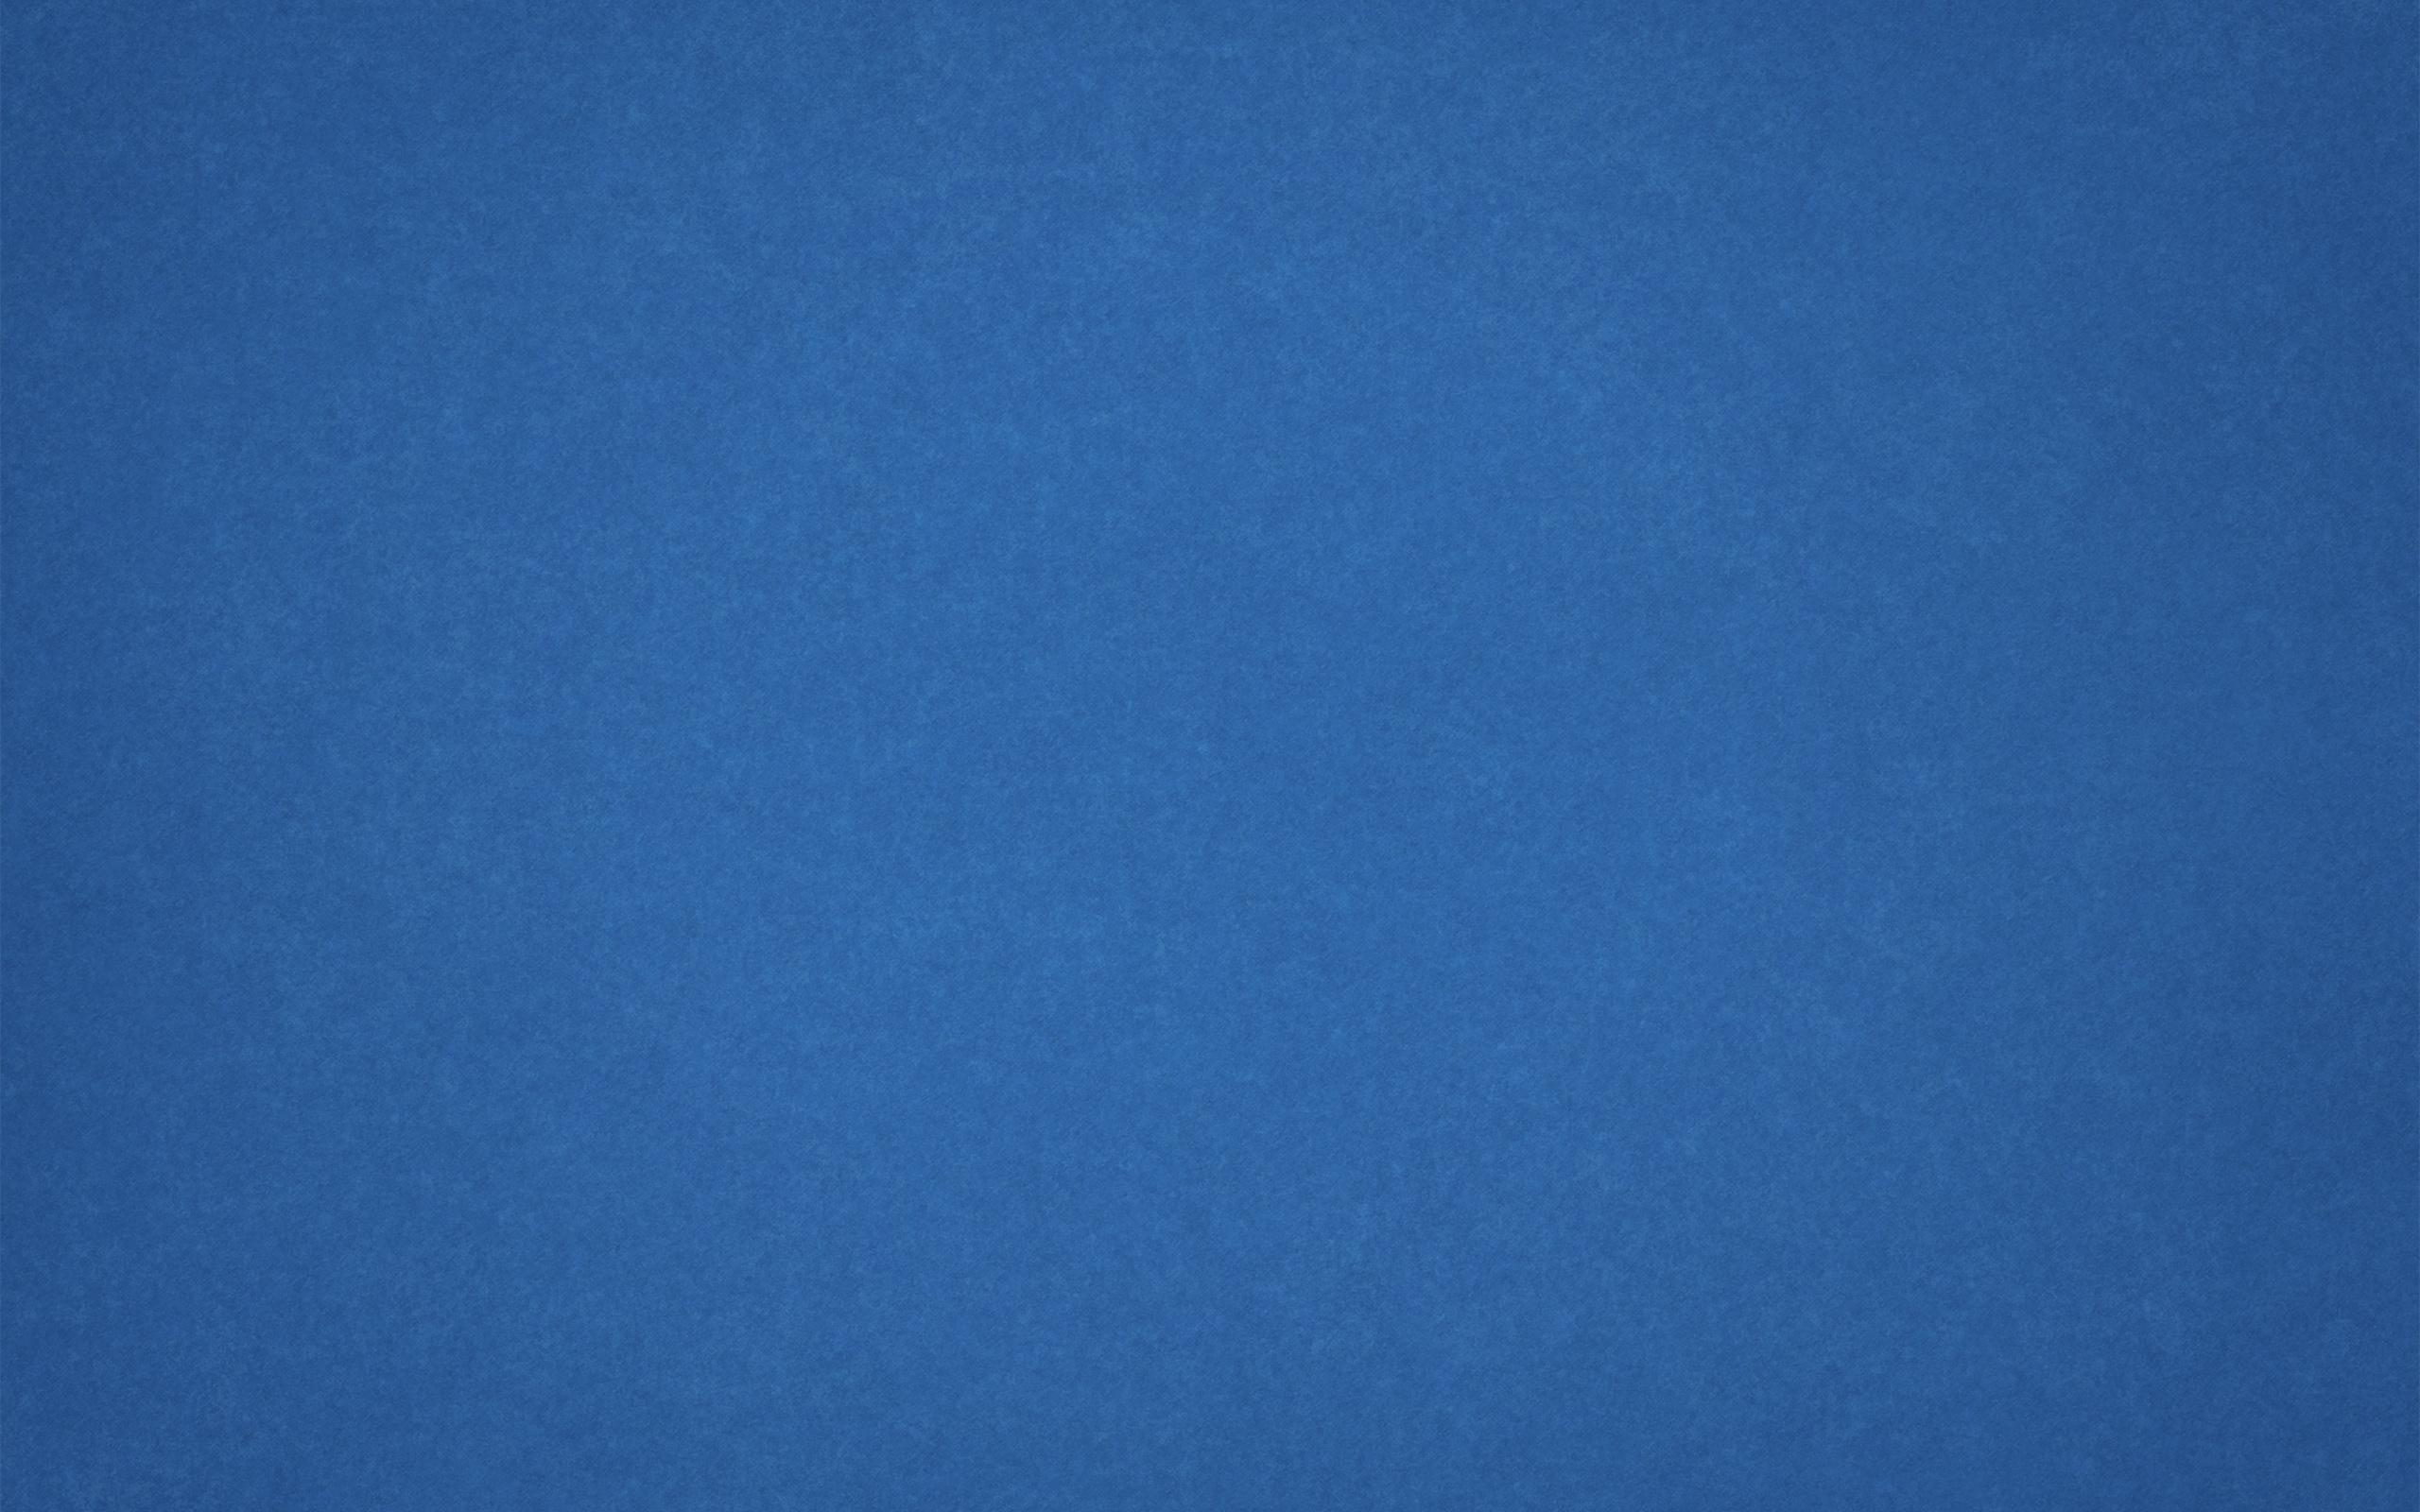 Голубой синий фон для рабочего стола